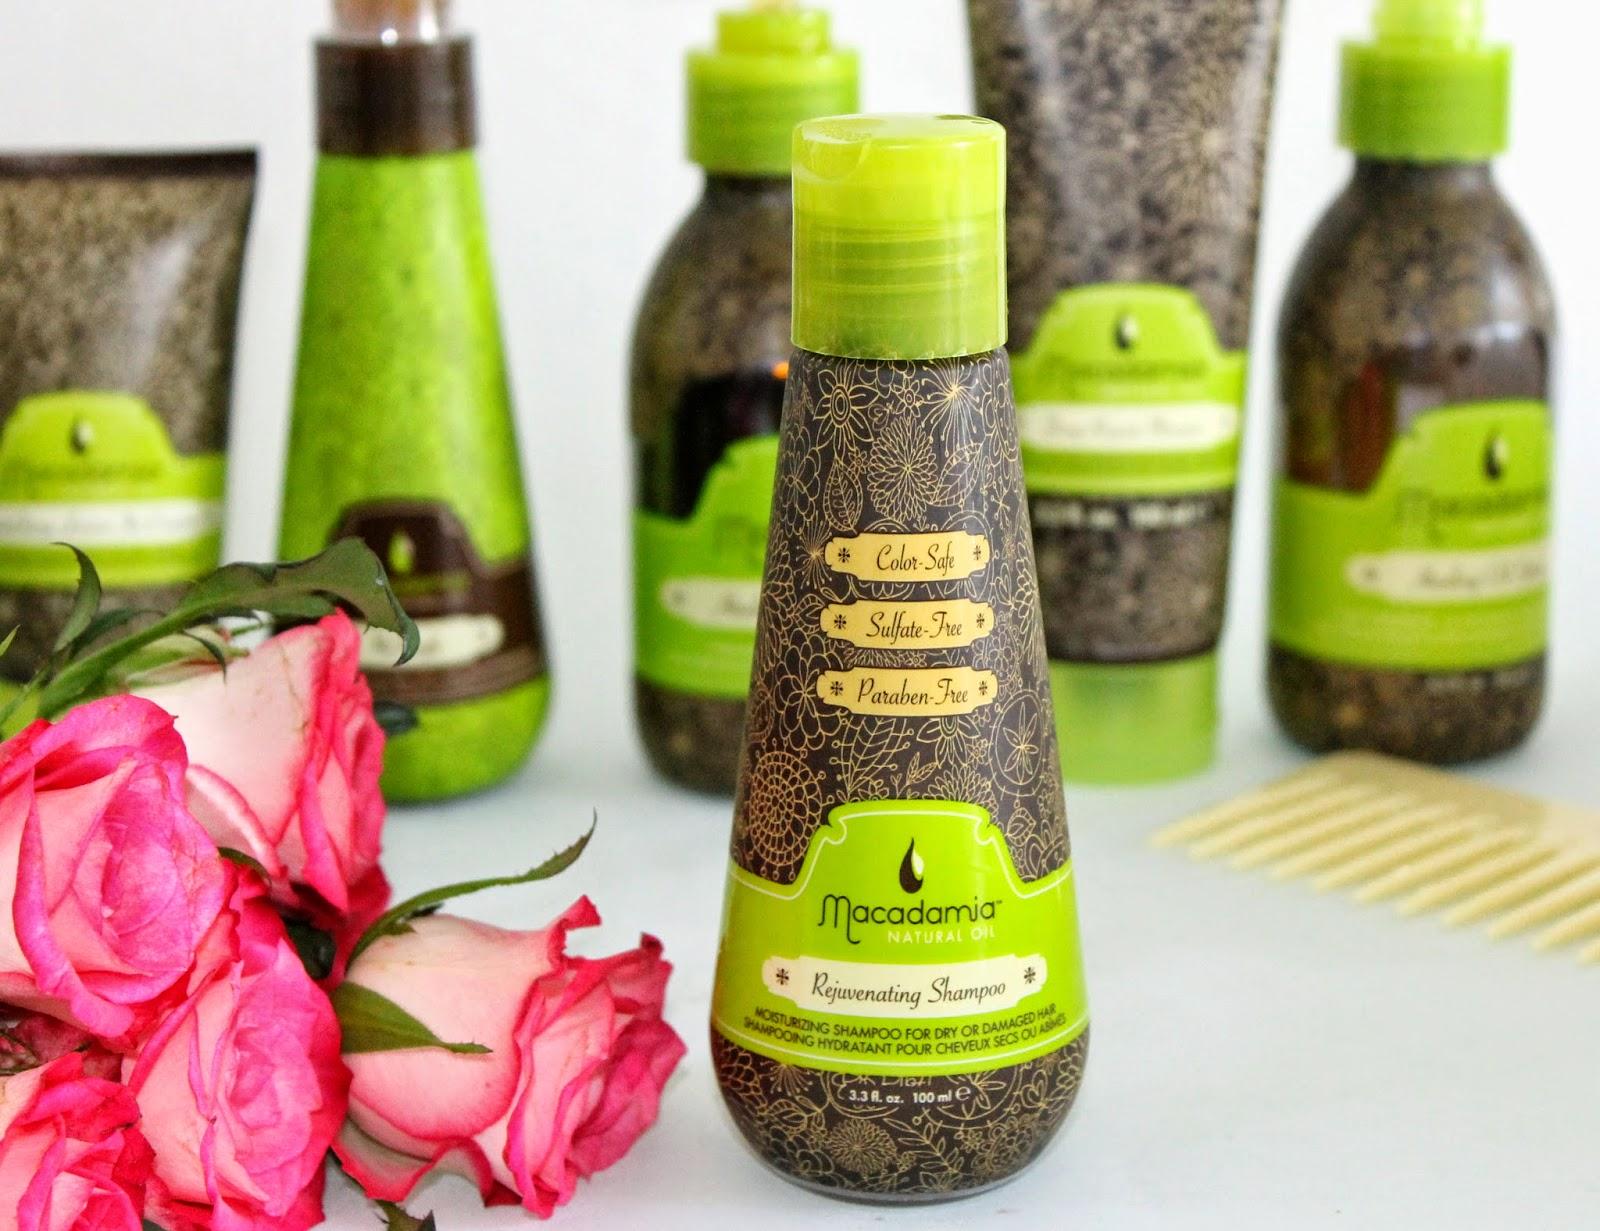 rejuvenating shampoo shampoing hydratant pour cheveux secs ou abms sans sulfate 100 ml - Quel Shampoing Pour Cheveux Colors